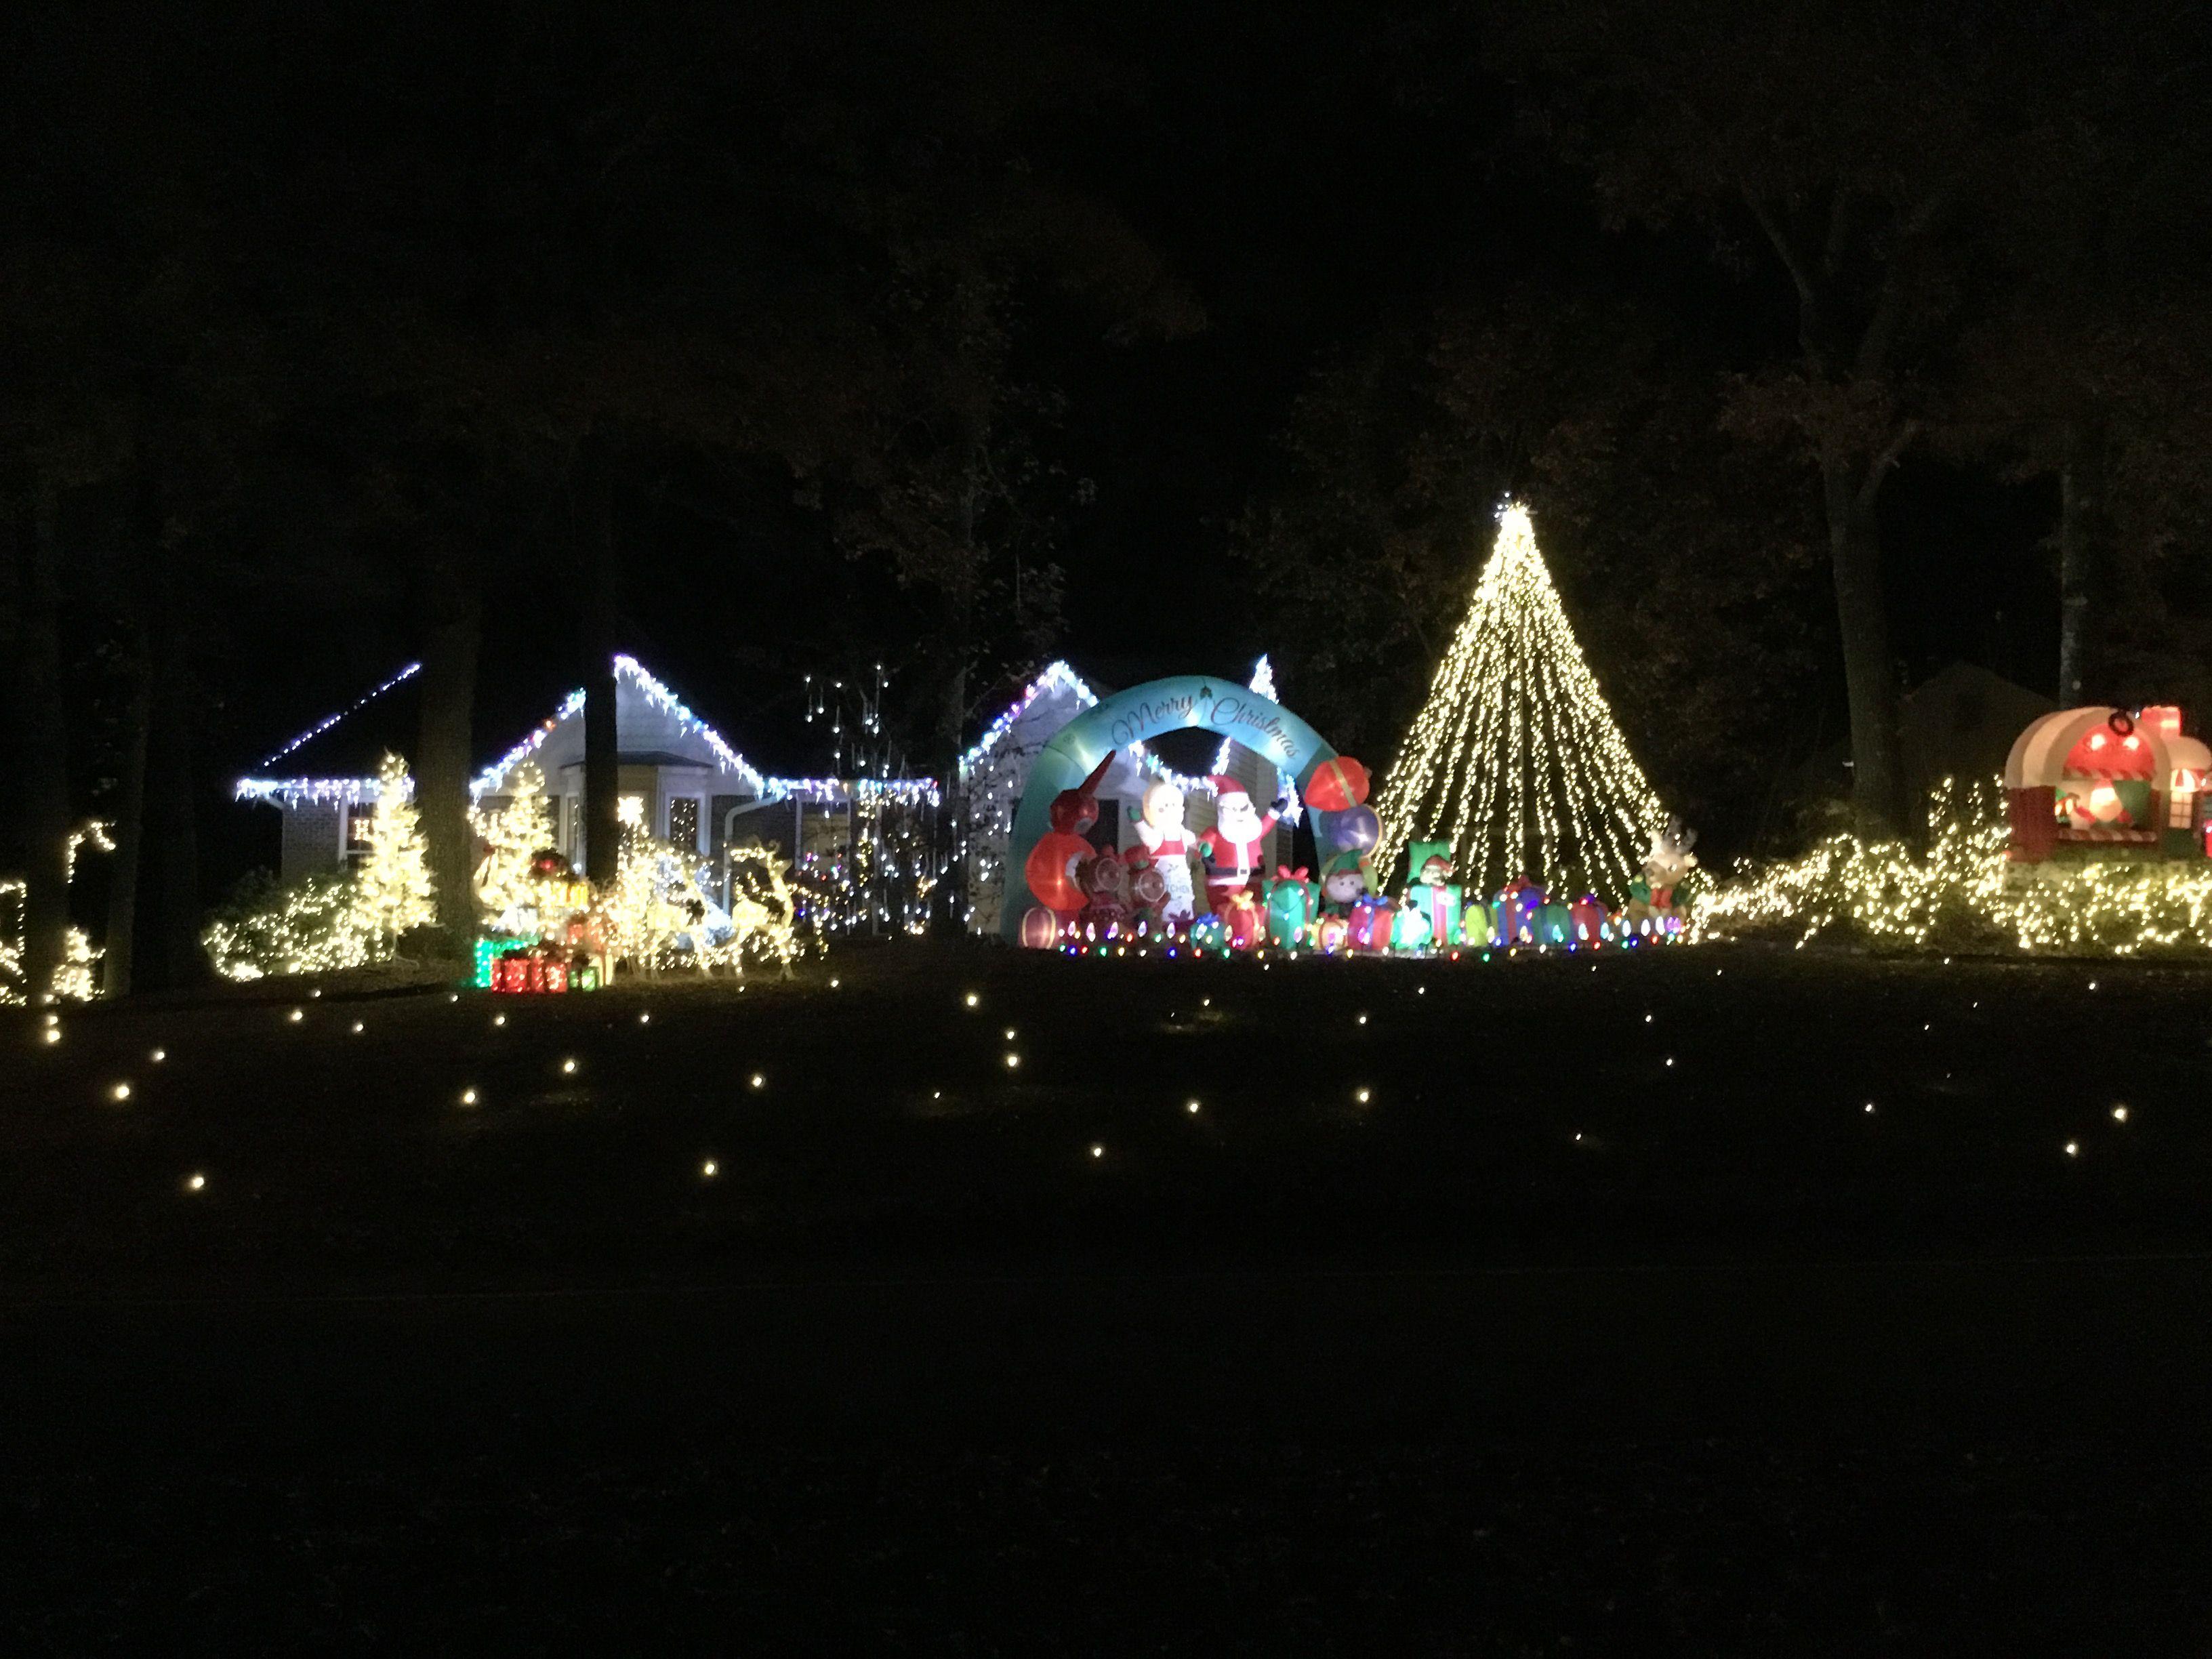 Pin By Nita Furlong On Extreme Christmas Lights Christmas Lights Christmas